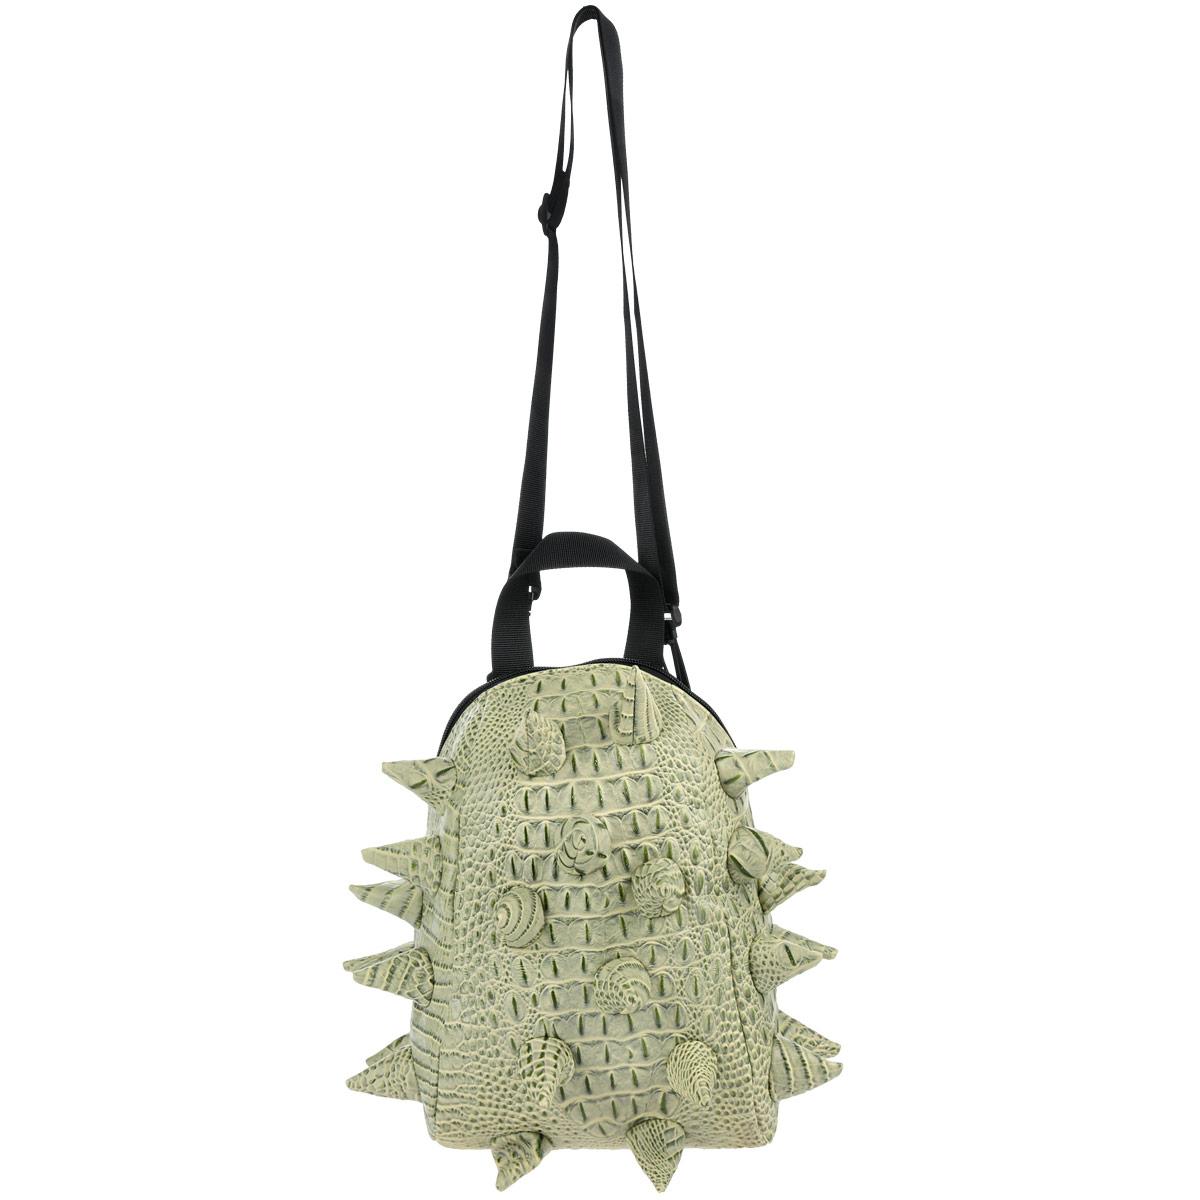 MadPax Рюкзак детский Gator Nibbler цвет салатовый зеленыйLPCB-UT3-502SДетский рюкзак Gator Nibbler обязательно понравится вашей малышке, и она с удовольствием будет носить в нем любимые вещи или игрушки. Рюкзак сделан из современных полимерных материалов (поливинил) - эффект натуральной, грубо выделанной шкуры рептилии. Поверхность рюкзака декорирована конусообразными вставками из того же материала, что и основная. Рюкзак состоит из одного вместительного отделения на молнии, внутри которого имеется крепление для напитков в виде небольшой боковой перегородки-сетки. На задней стенке рюкзак дополнен небольшим карманом-окошком для контактной информации. К изделию прилагаются мягкие плечевые ремни с несколькими пряжками для надежной фиксации. Рюкзак оснащен ручкой для переноски. Подкладка нейлоновая - рюкзак легко чистится, и сохраняет форму, защищая содержимое.